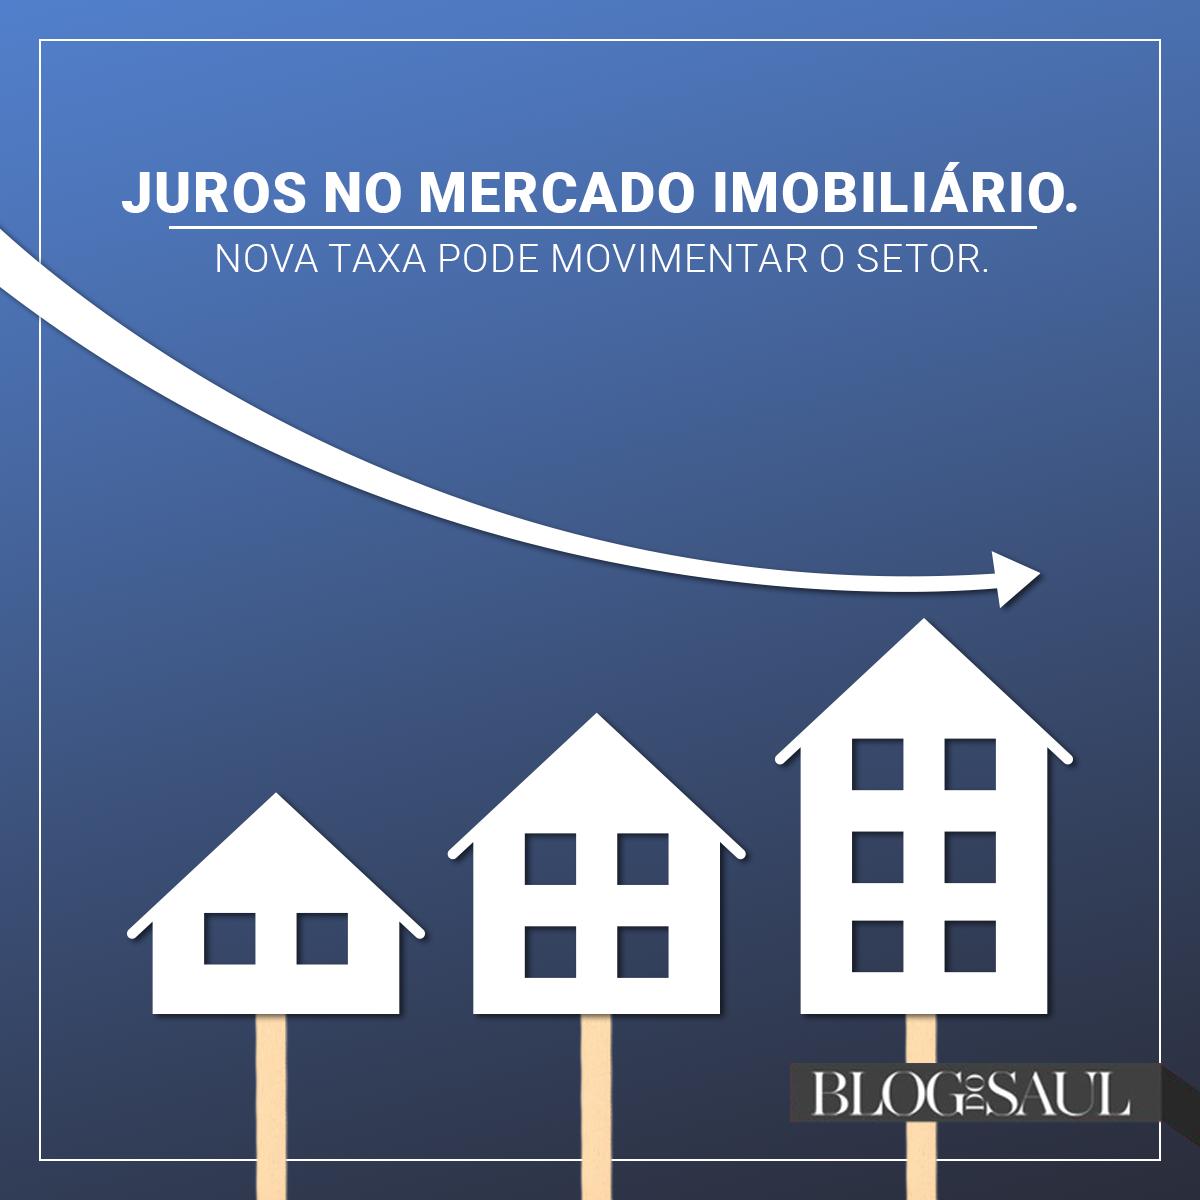 O impacto dos juros no mercado imobiliário